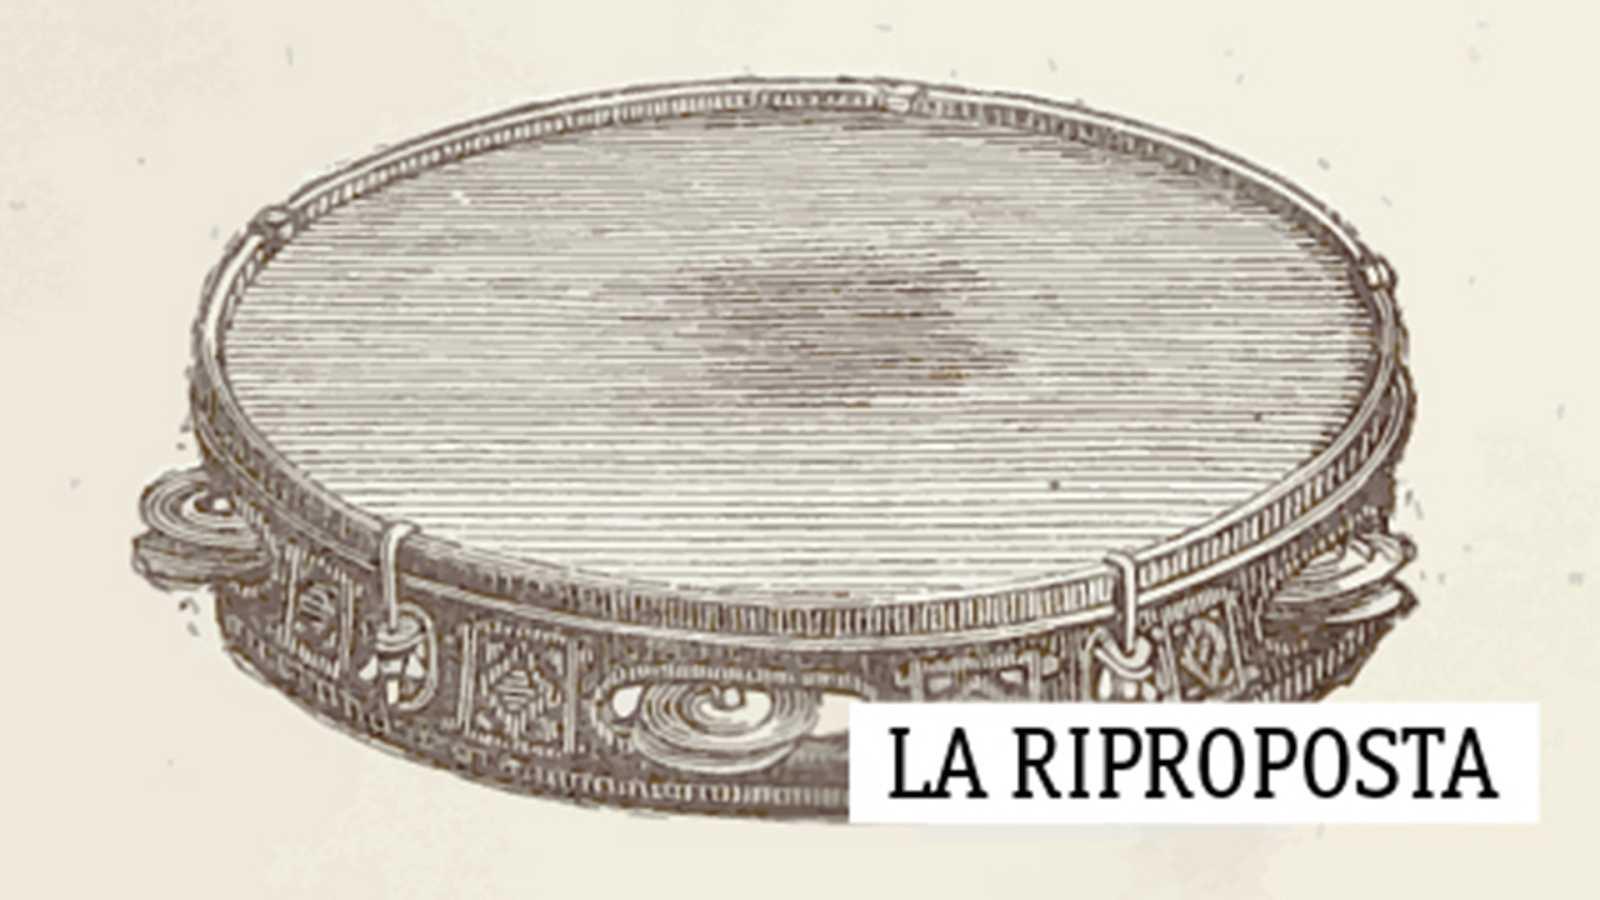 La riproposta - La recuperación del folklore musical - 26/10/19 - escuchar ahora